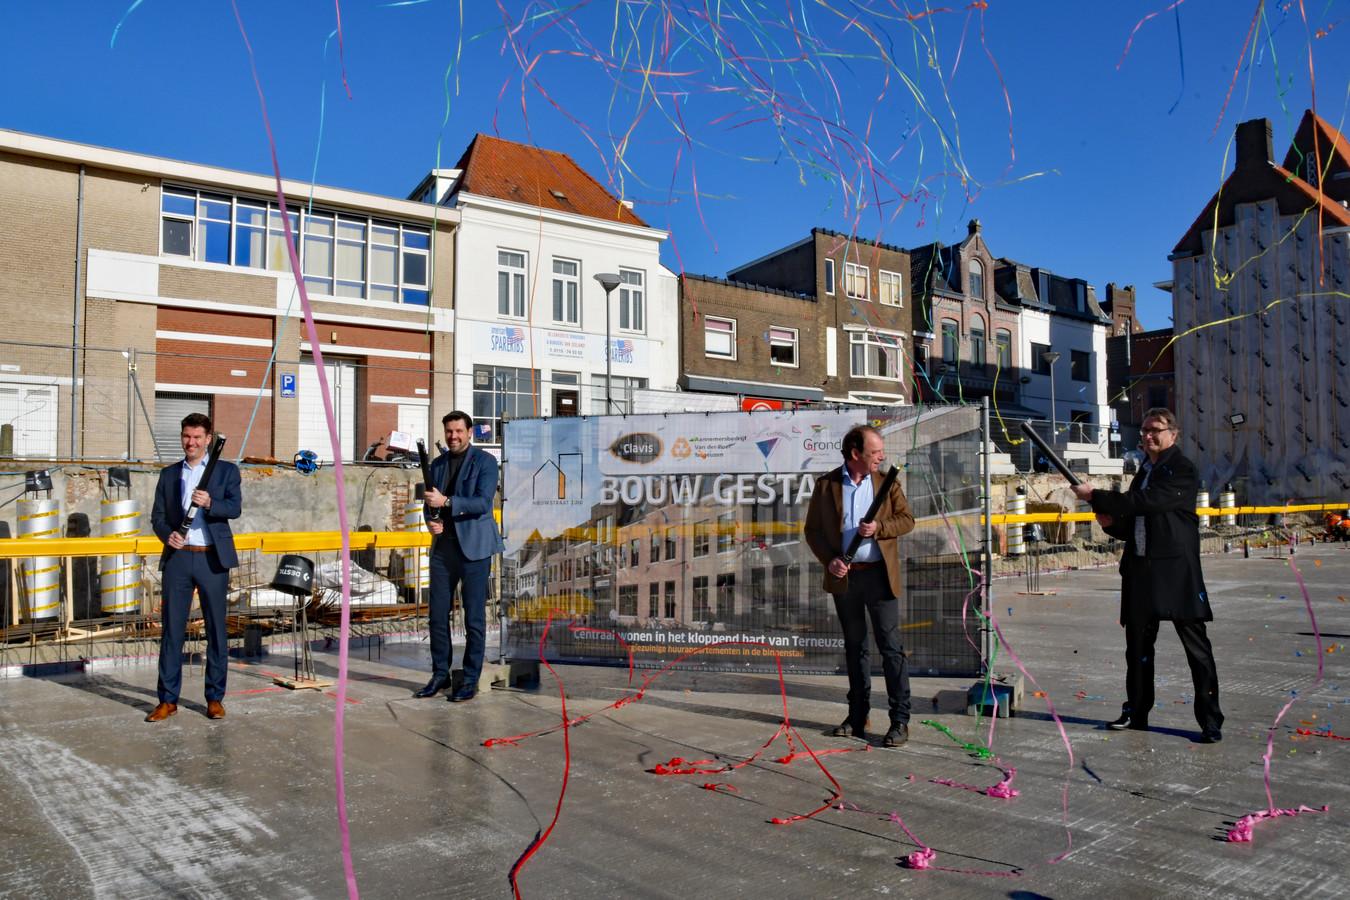 De start van het nieuwbouwproject in Terneuzen wordt ingeluid met confetti. Vlnr Tom de Caluwé, Ruben Karel, Jan van Blaricom en Frank van Hulle.